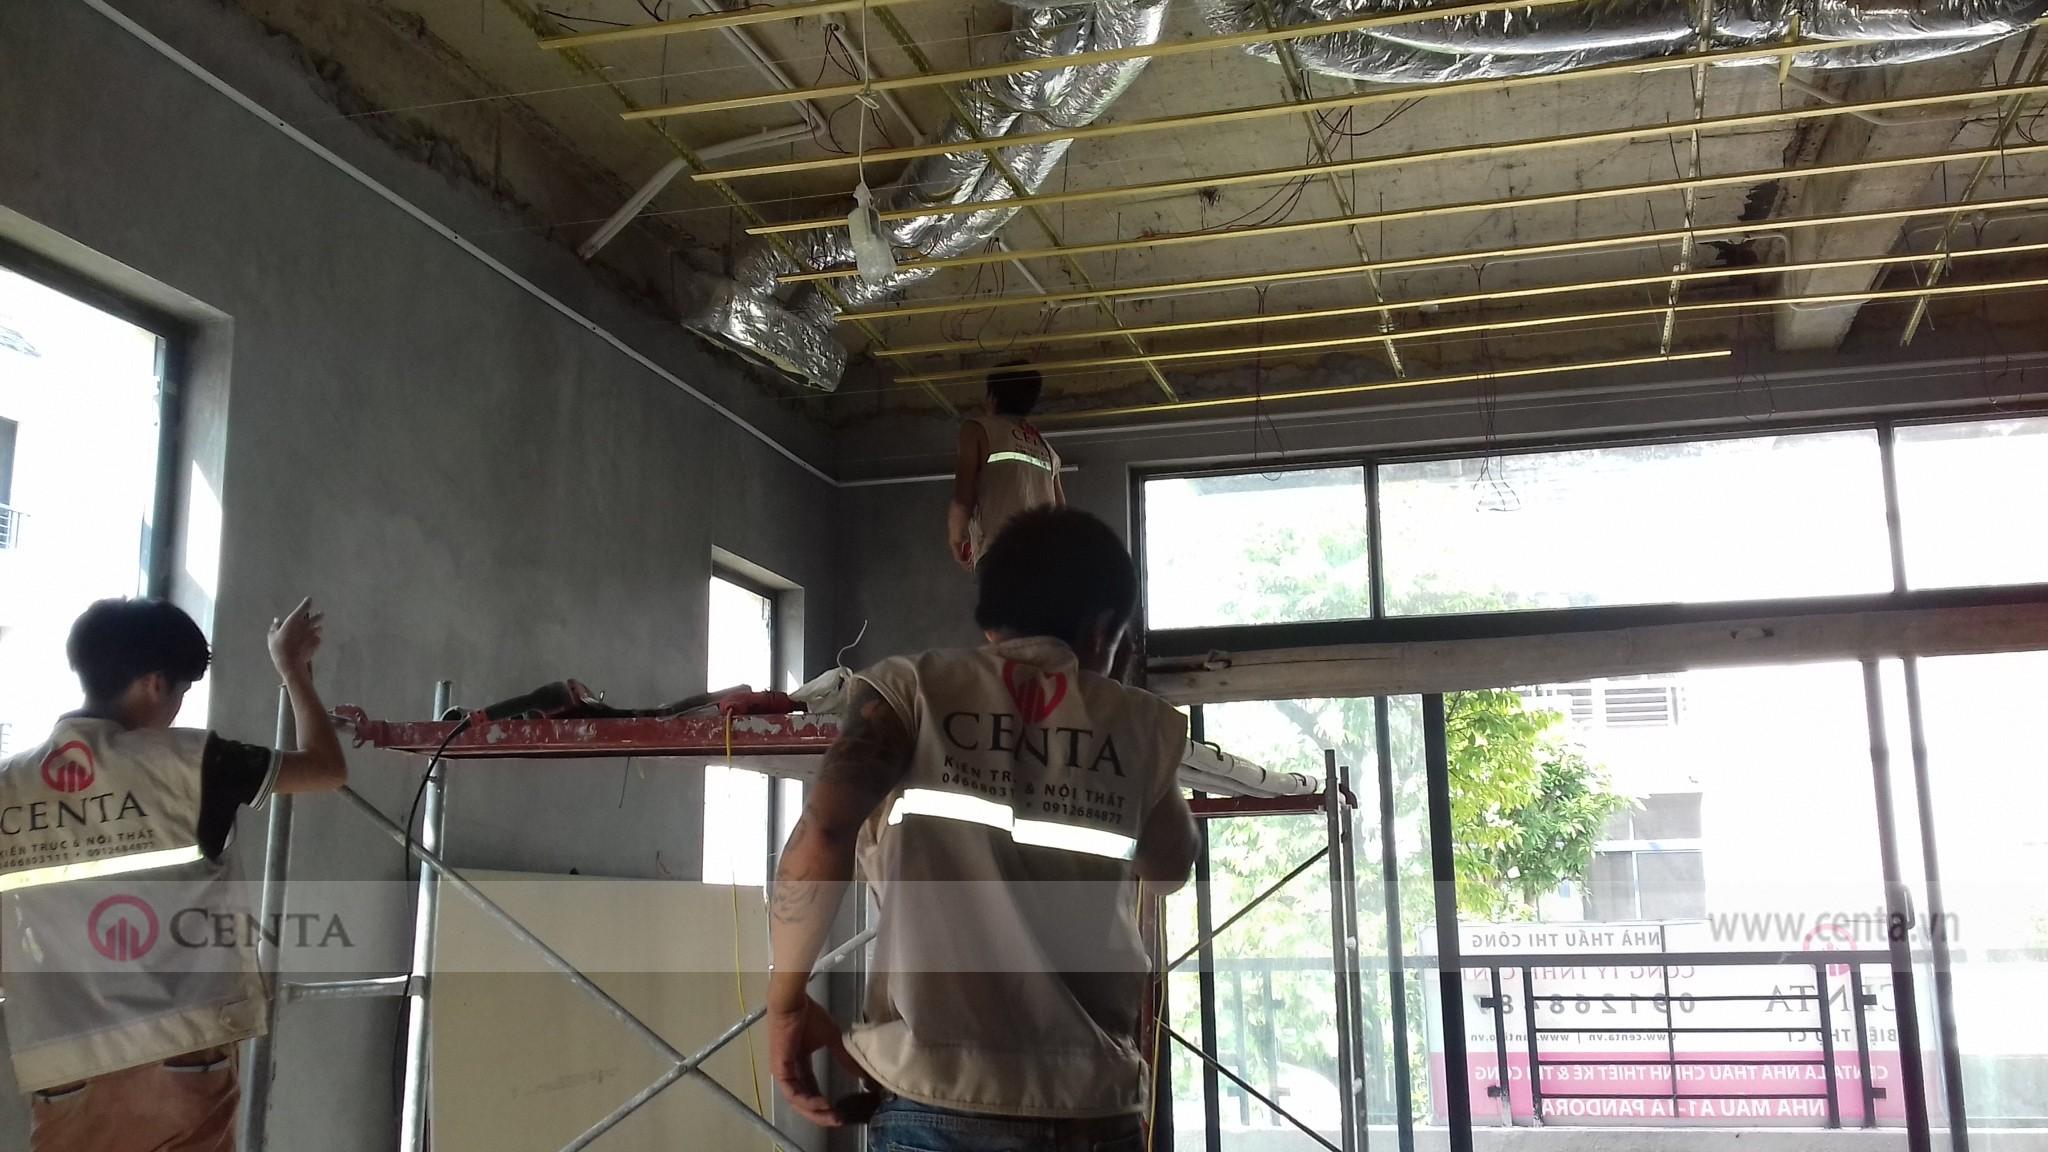 thi công điều hòa lắp đặt đường ống điều hòa cho nhà đẹp